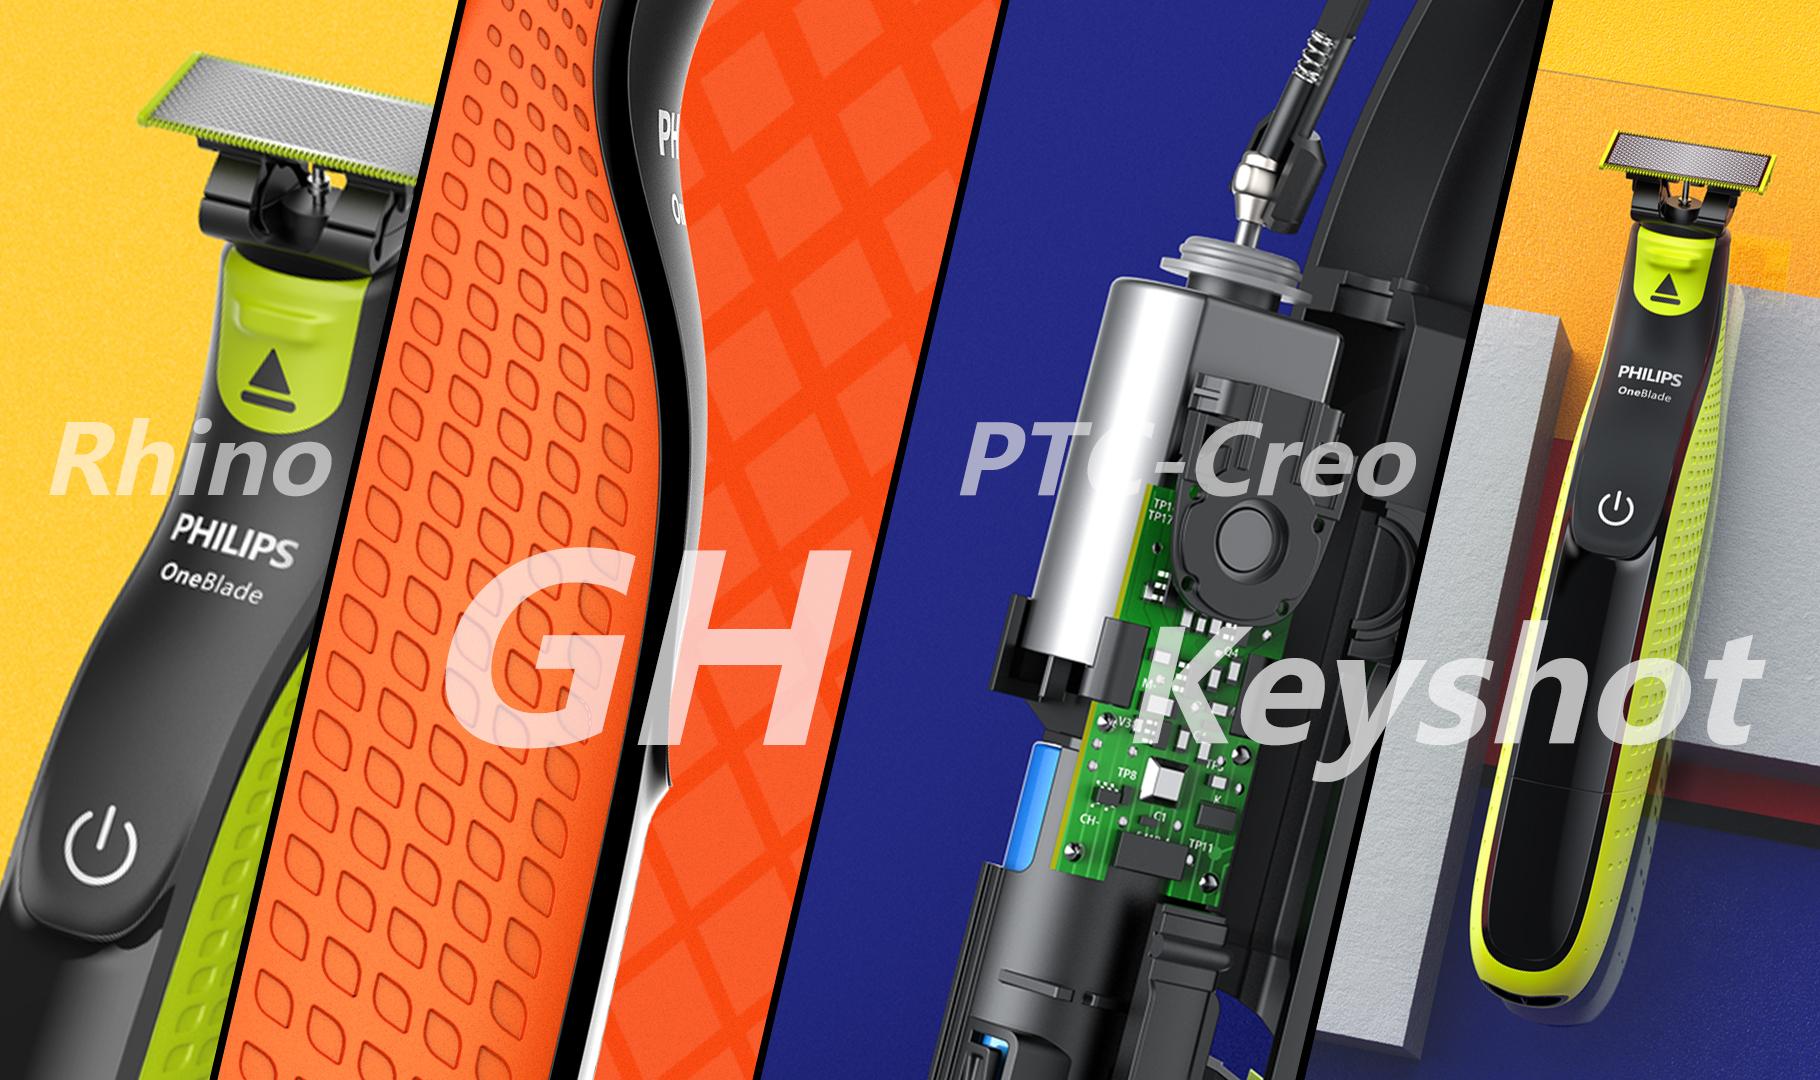 云尚教育-开启工业设计流程模式 · (Rhino+GH+Creo+Keyshot)